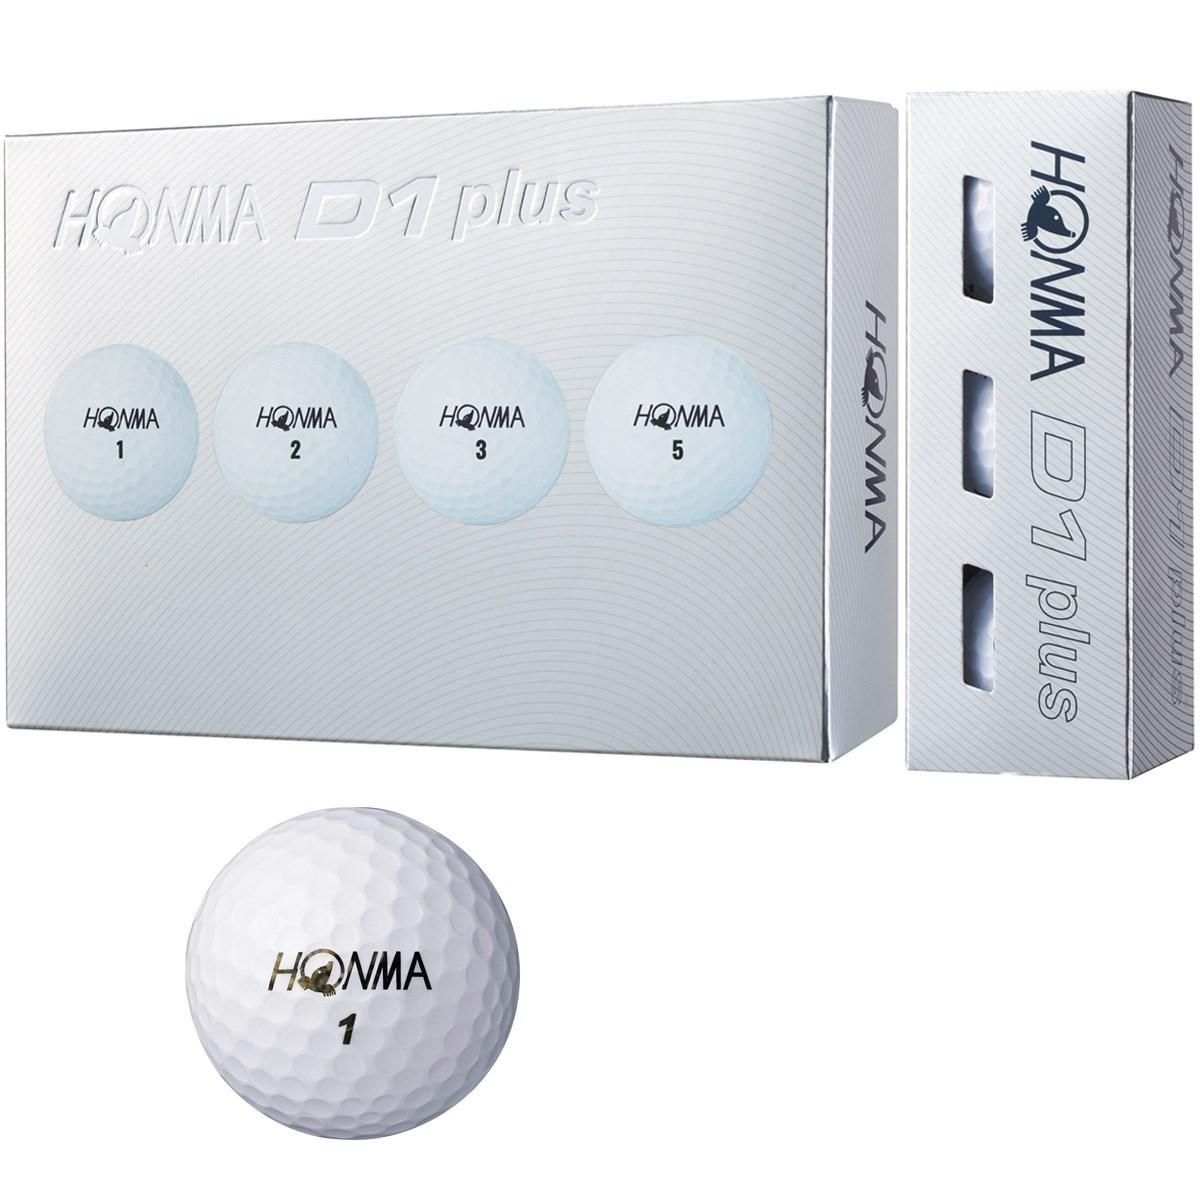 本間ゴルフ(HONMA GOLF) D1 plus ボール